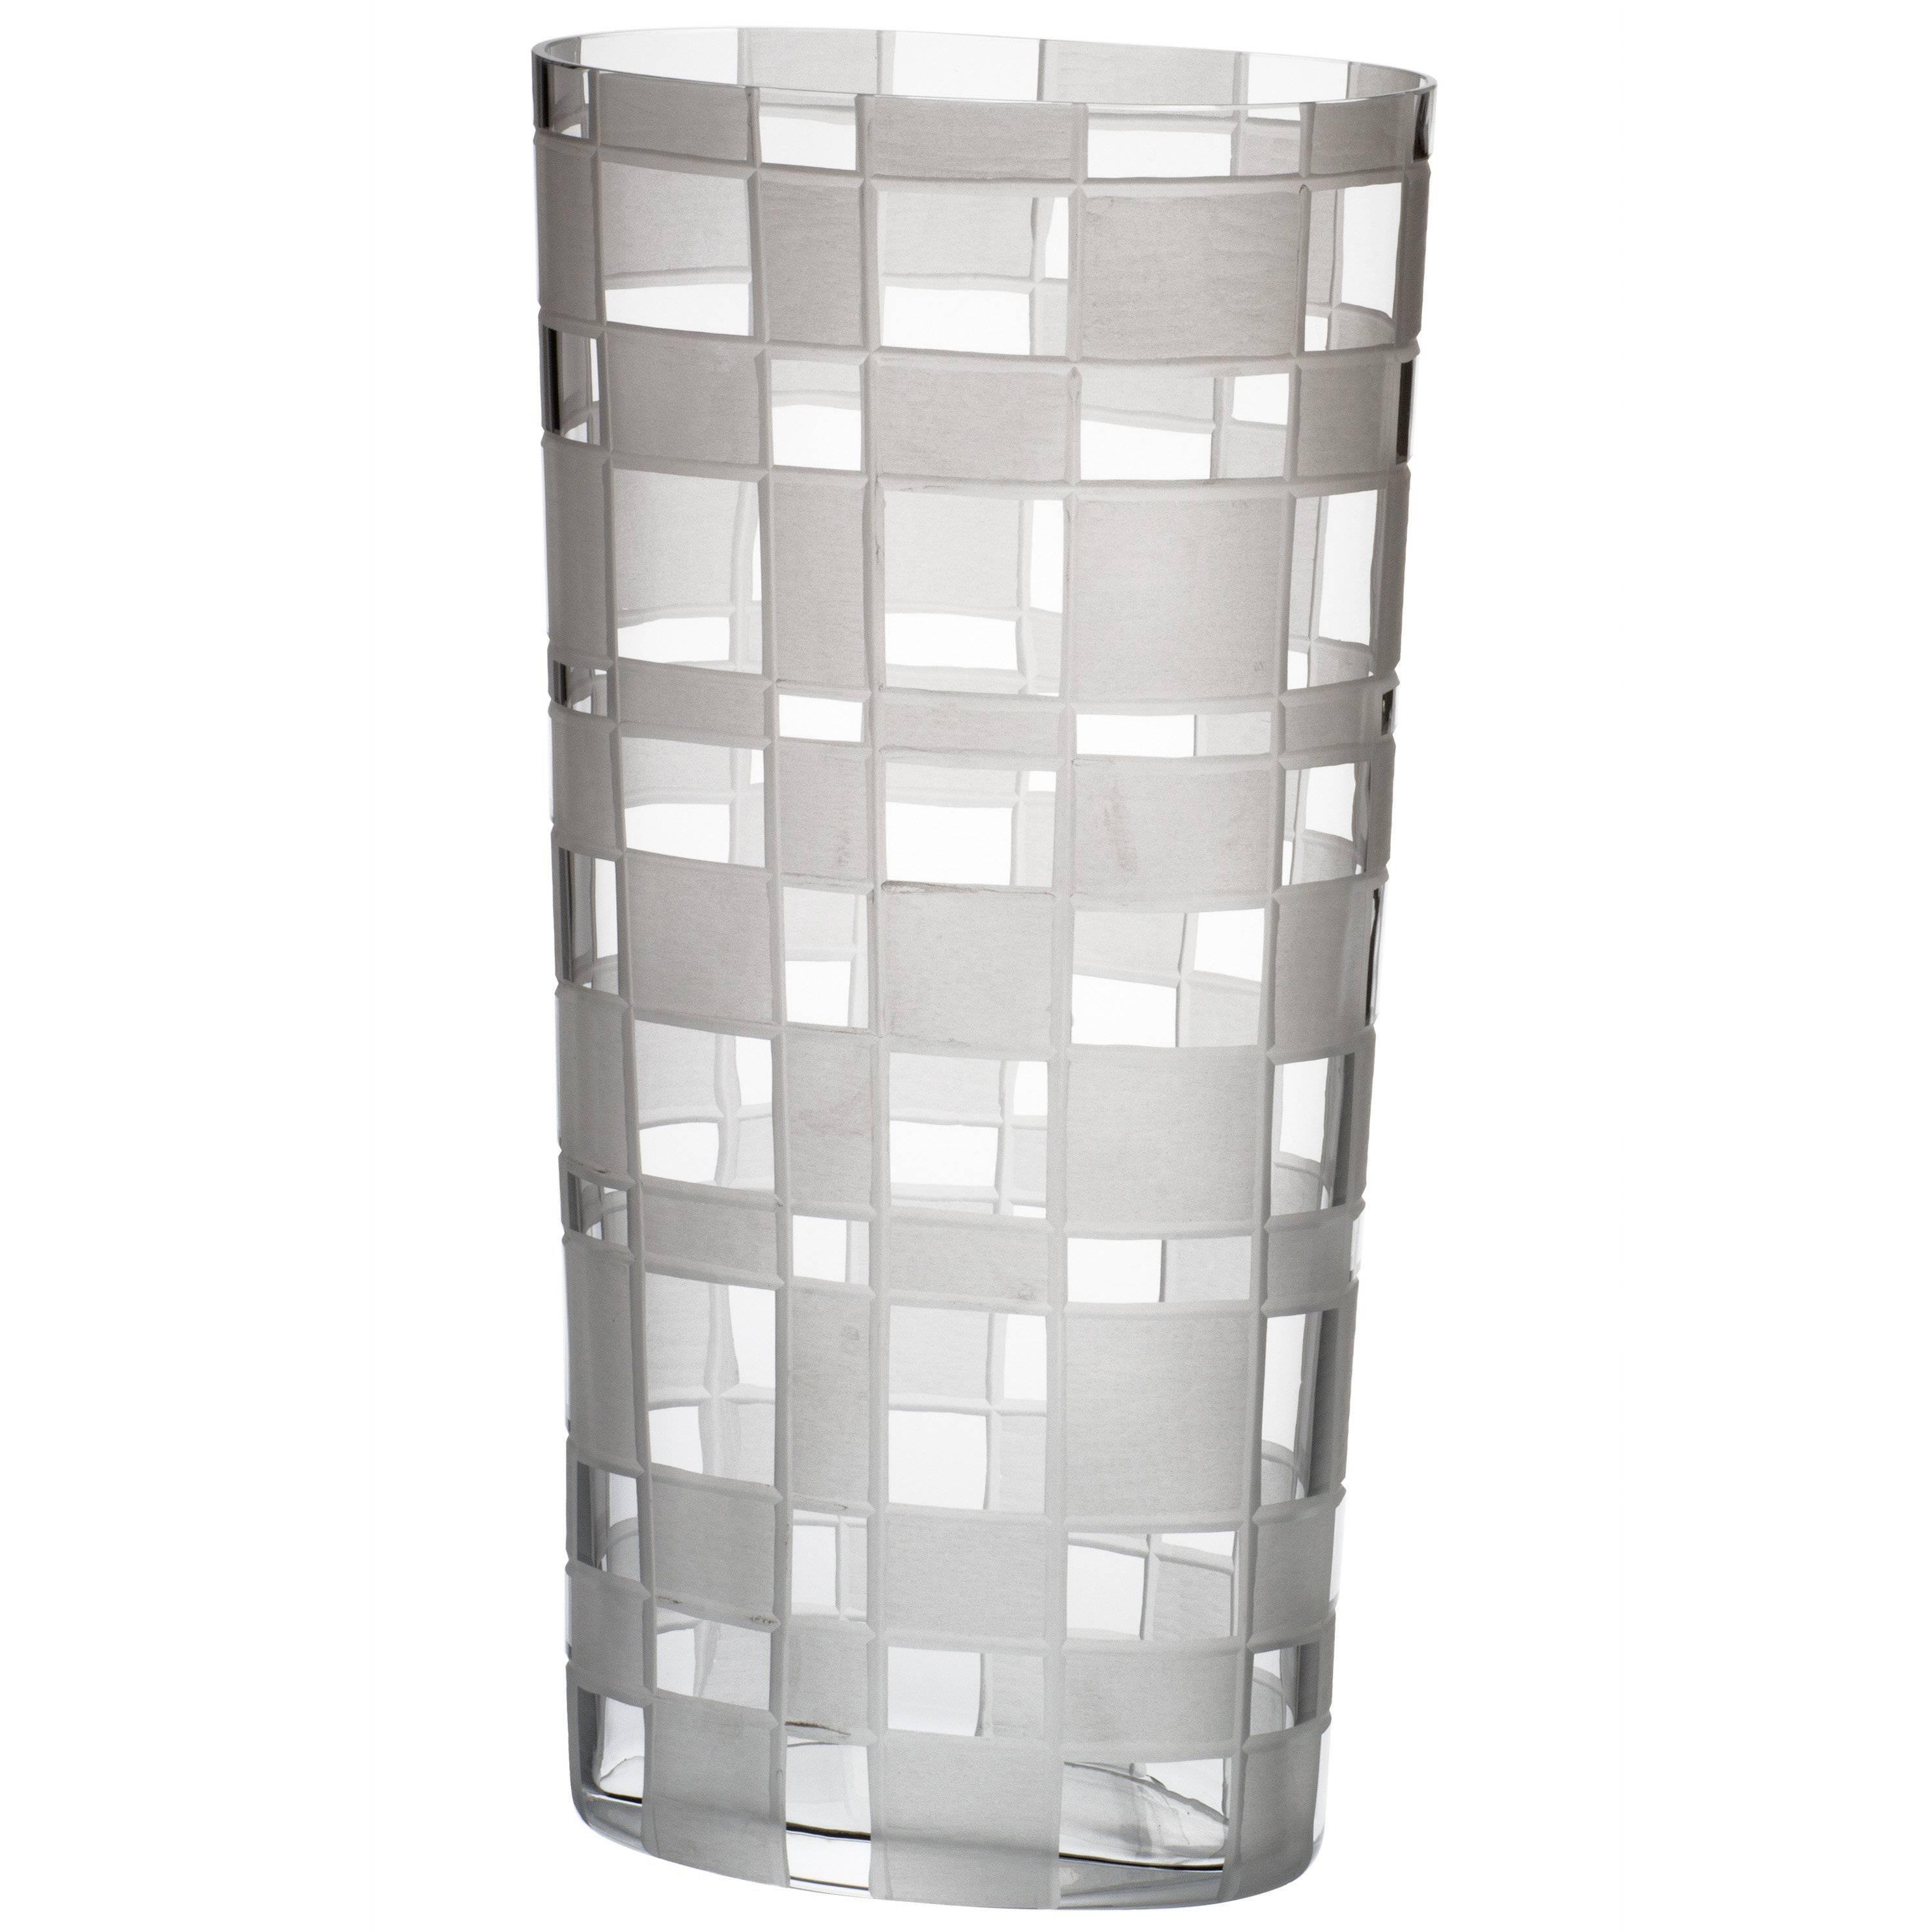 Milleriquadri Carlo Moretti Contemporary Murano Mouthblown Clear Glass Vase